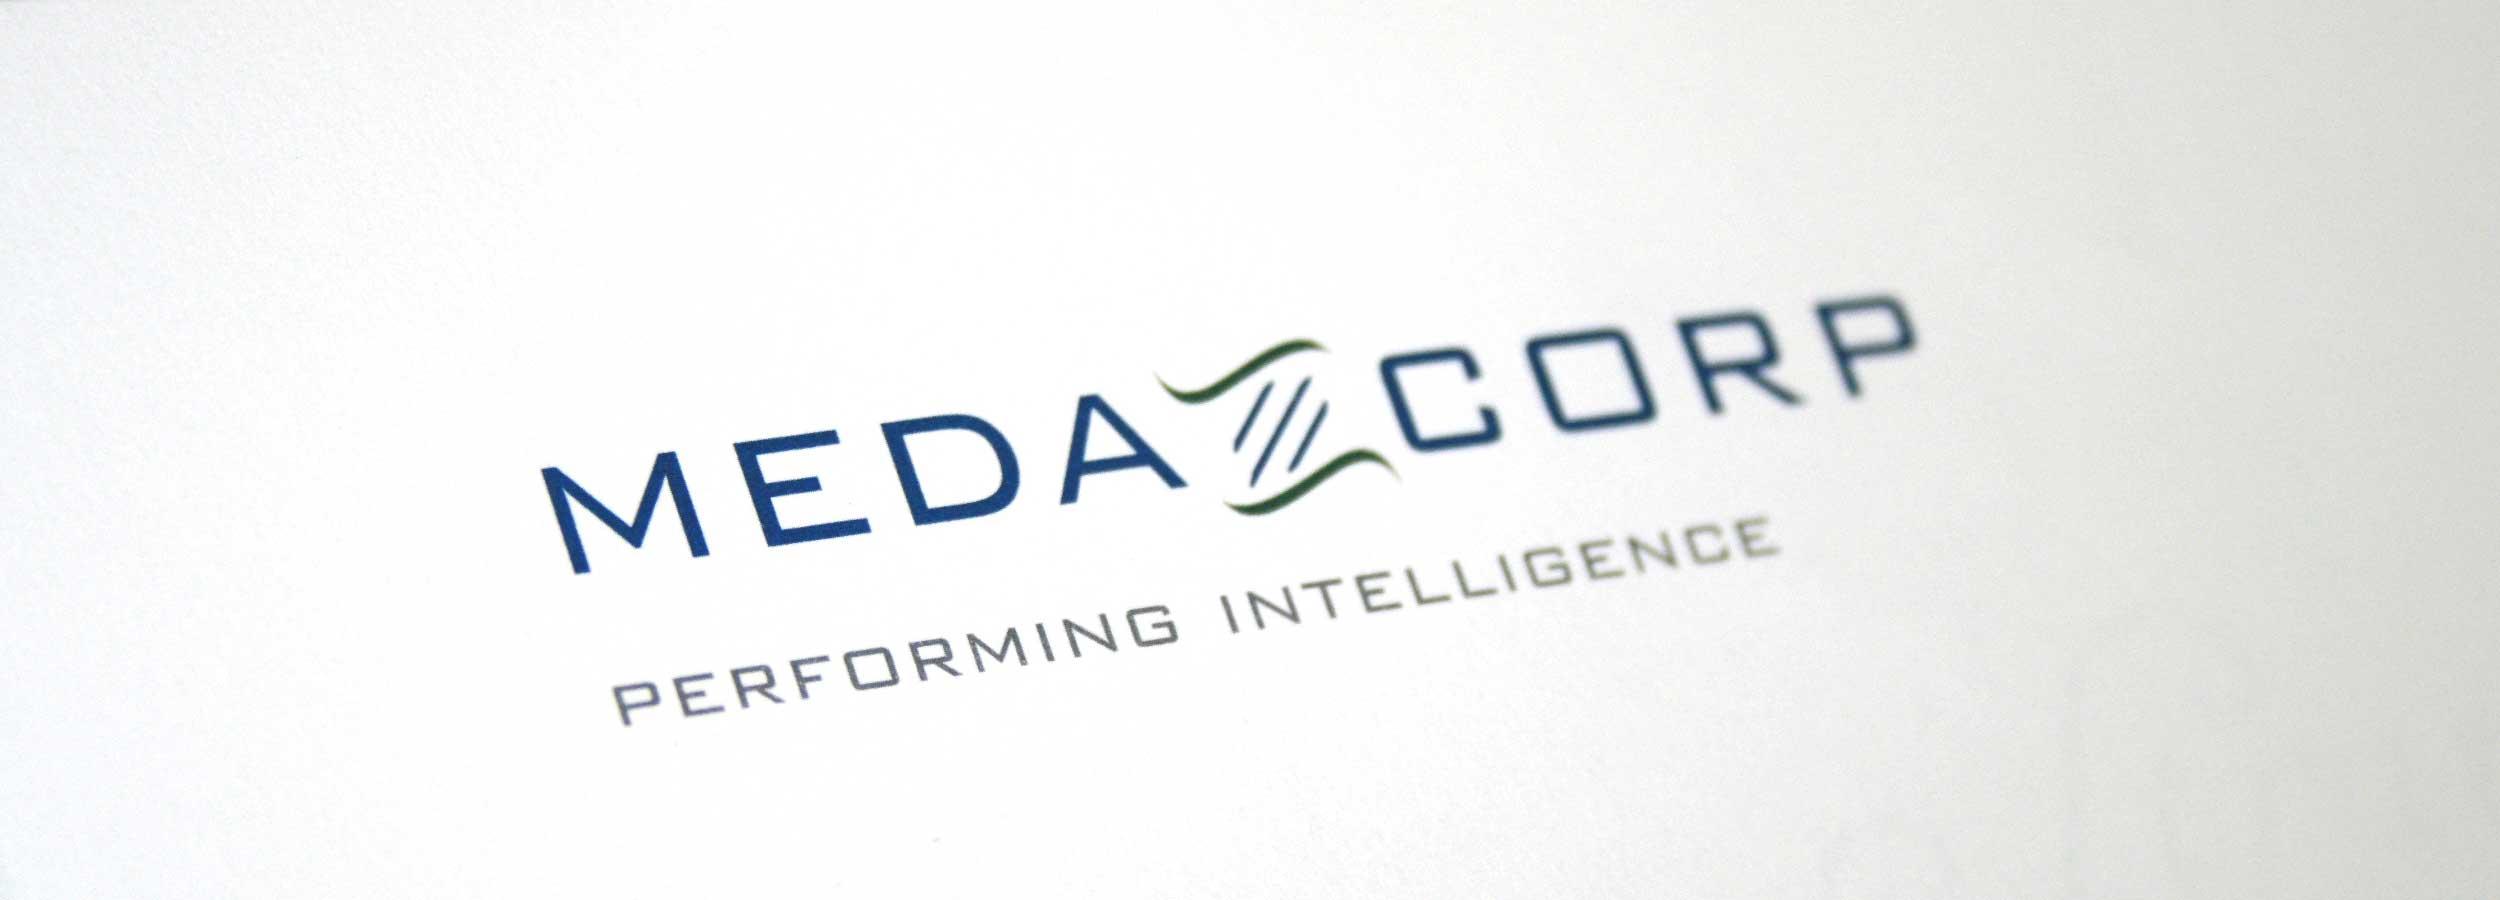 meacorp logo-01.jpg